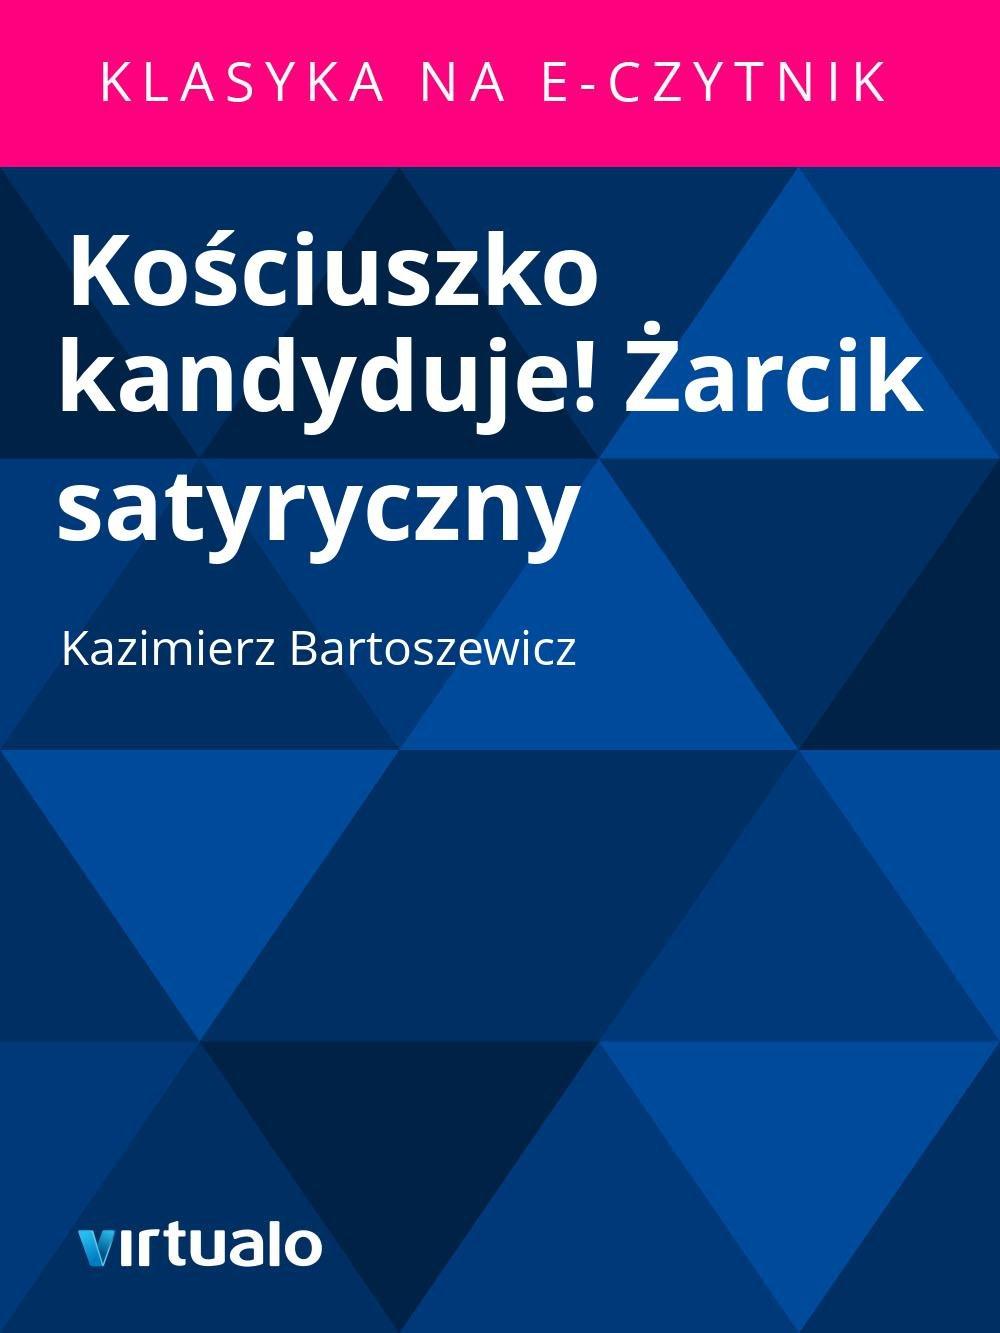 Kościuszko kandyduje! Żarcik satyryczny - Ebook (Książka EPUB) do pobrania w formacie EPUB